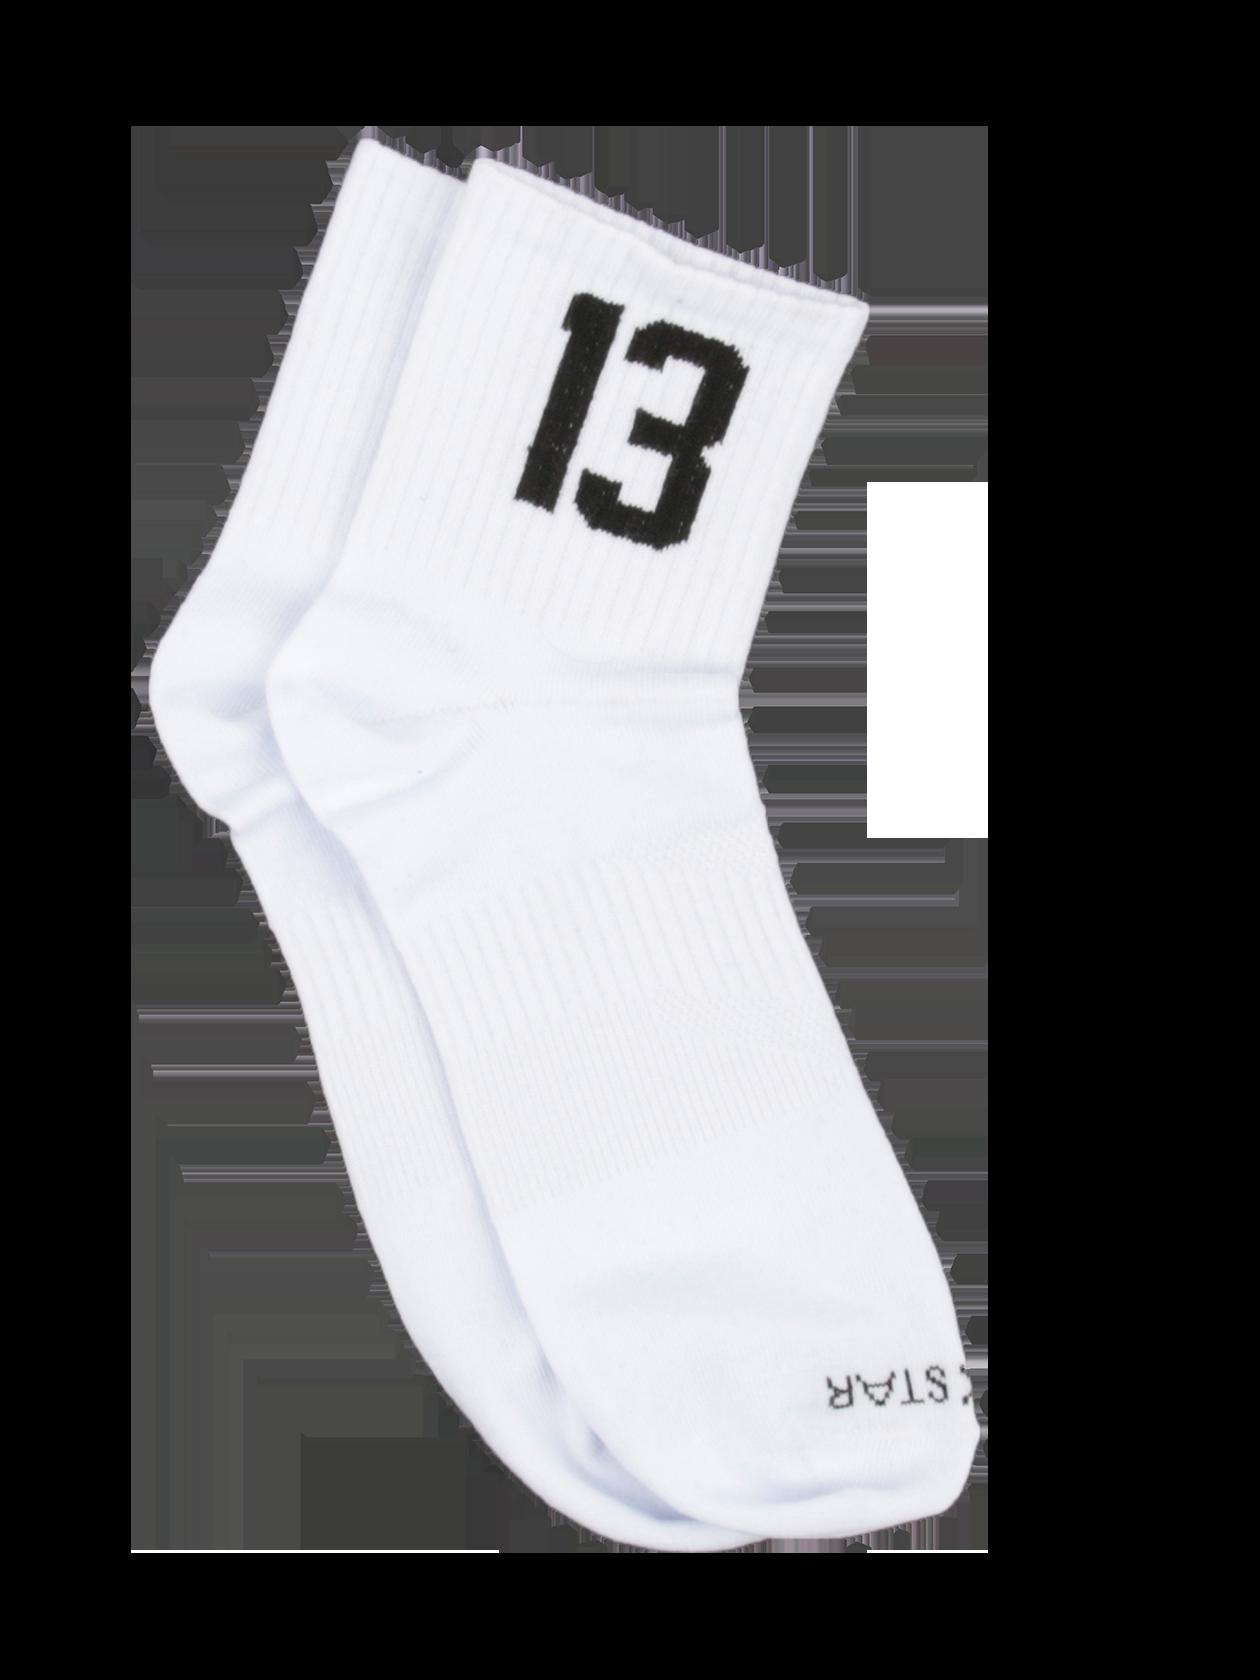 Носки унисекс 13 SPORT (3 шт)Носки унисекс 13 Sport от Black Star Wear – необходимая вещь в любом гардеробе. Модель выполнена в базовом белом цвете из натурального хлопка безупречного качества. Голенище средней длины оформлено брендированной трикотажной резинкой, по бокам дополнено черной вышивкой с цифрой 13. В передней части носка вышитая надпись Black Star. Носки представлены в комплекте, состоящем из трех пар. Идеальный вариант для спорта и отдыха.<br><br>Размер: 39/40<br>Цвет: Серый/Черный/Белый<br>Пол: Унисекс